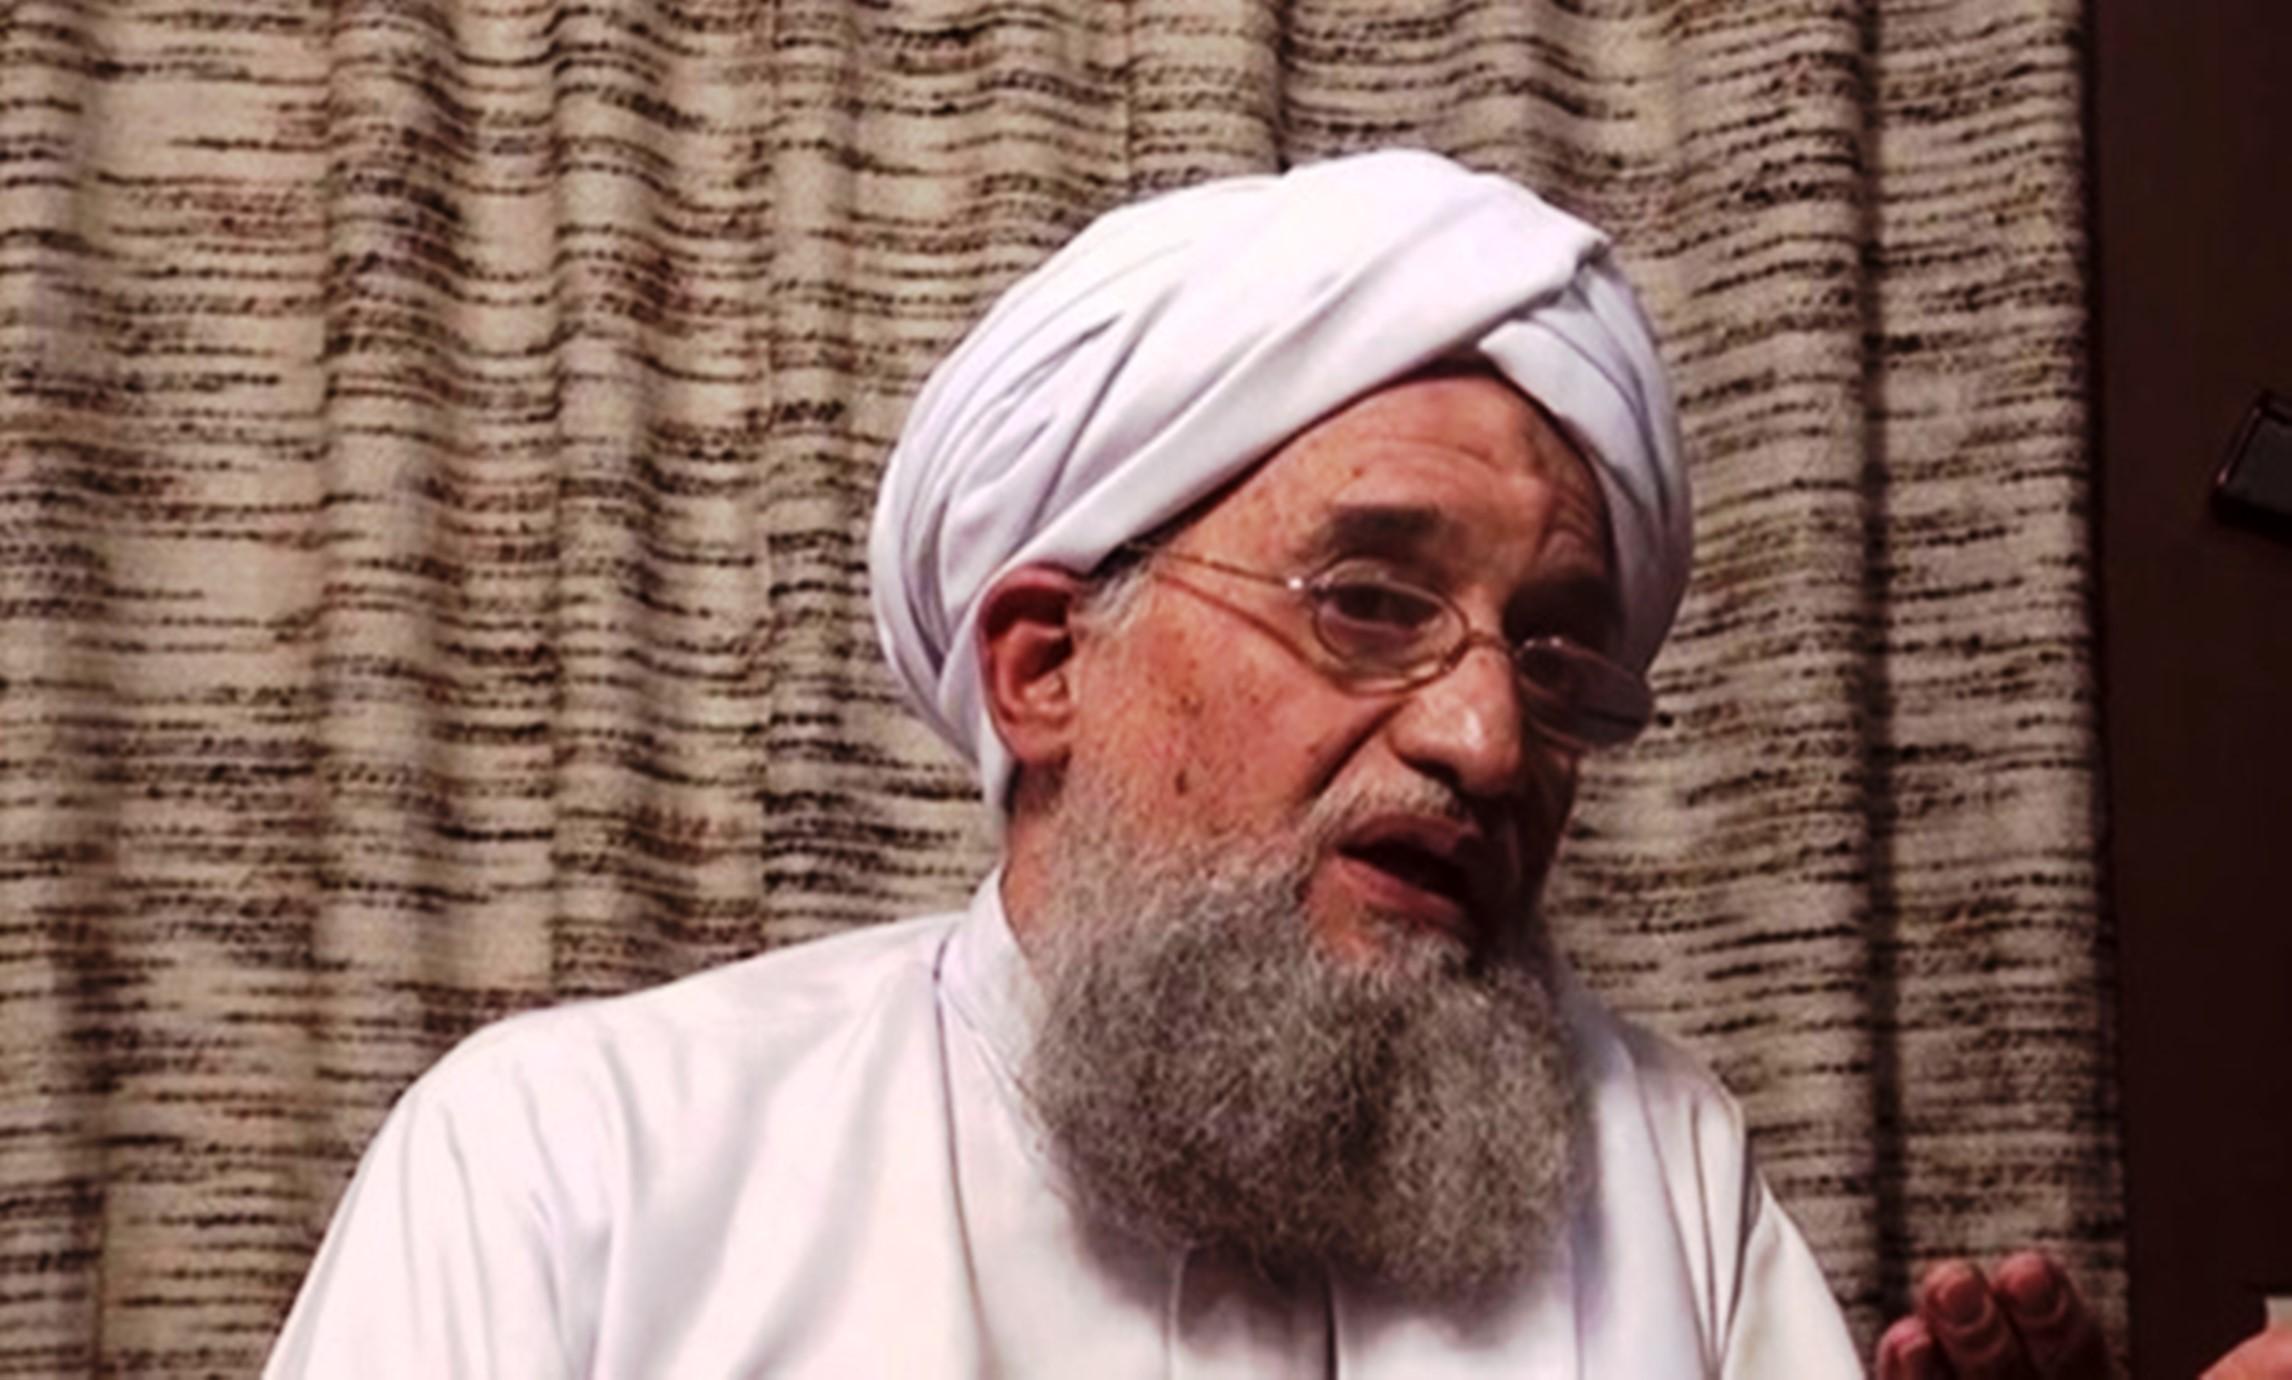 Аль-Завахири пытается привлечь экстремистов из соперничающих группировок